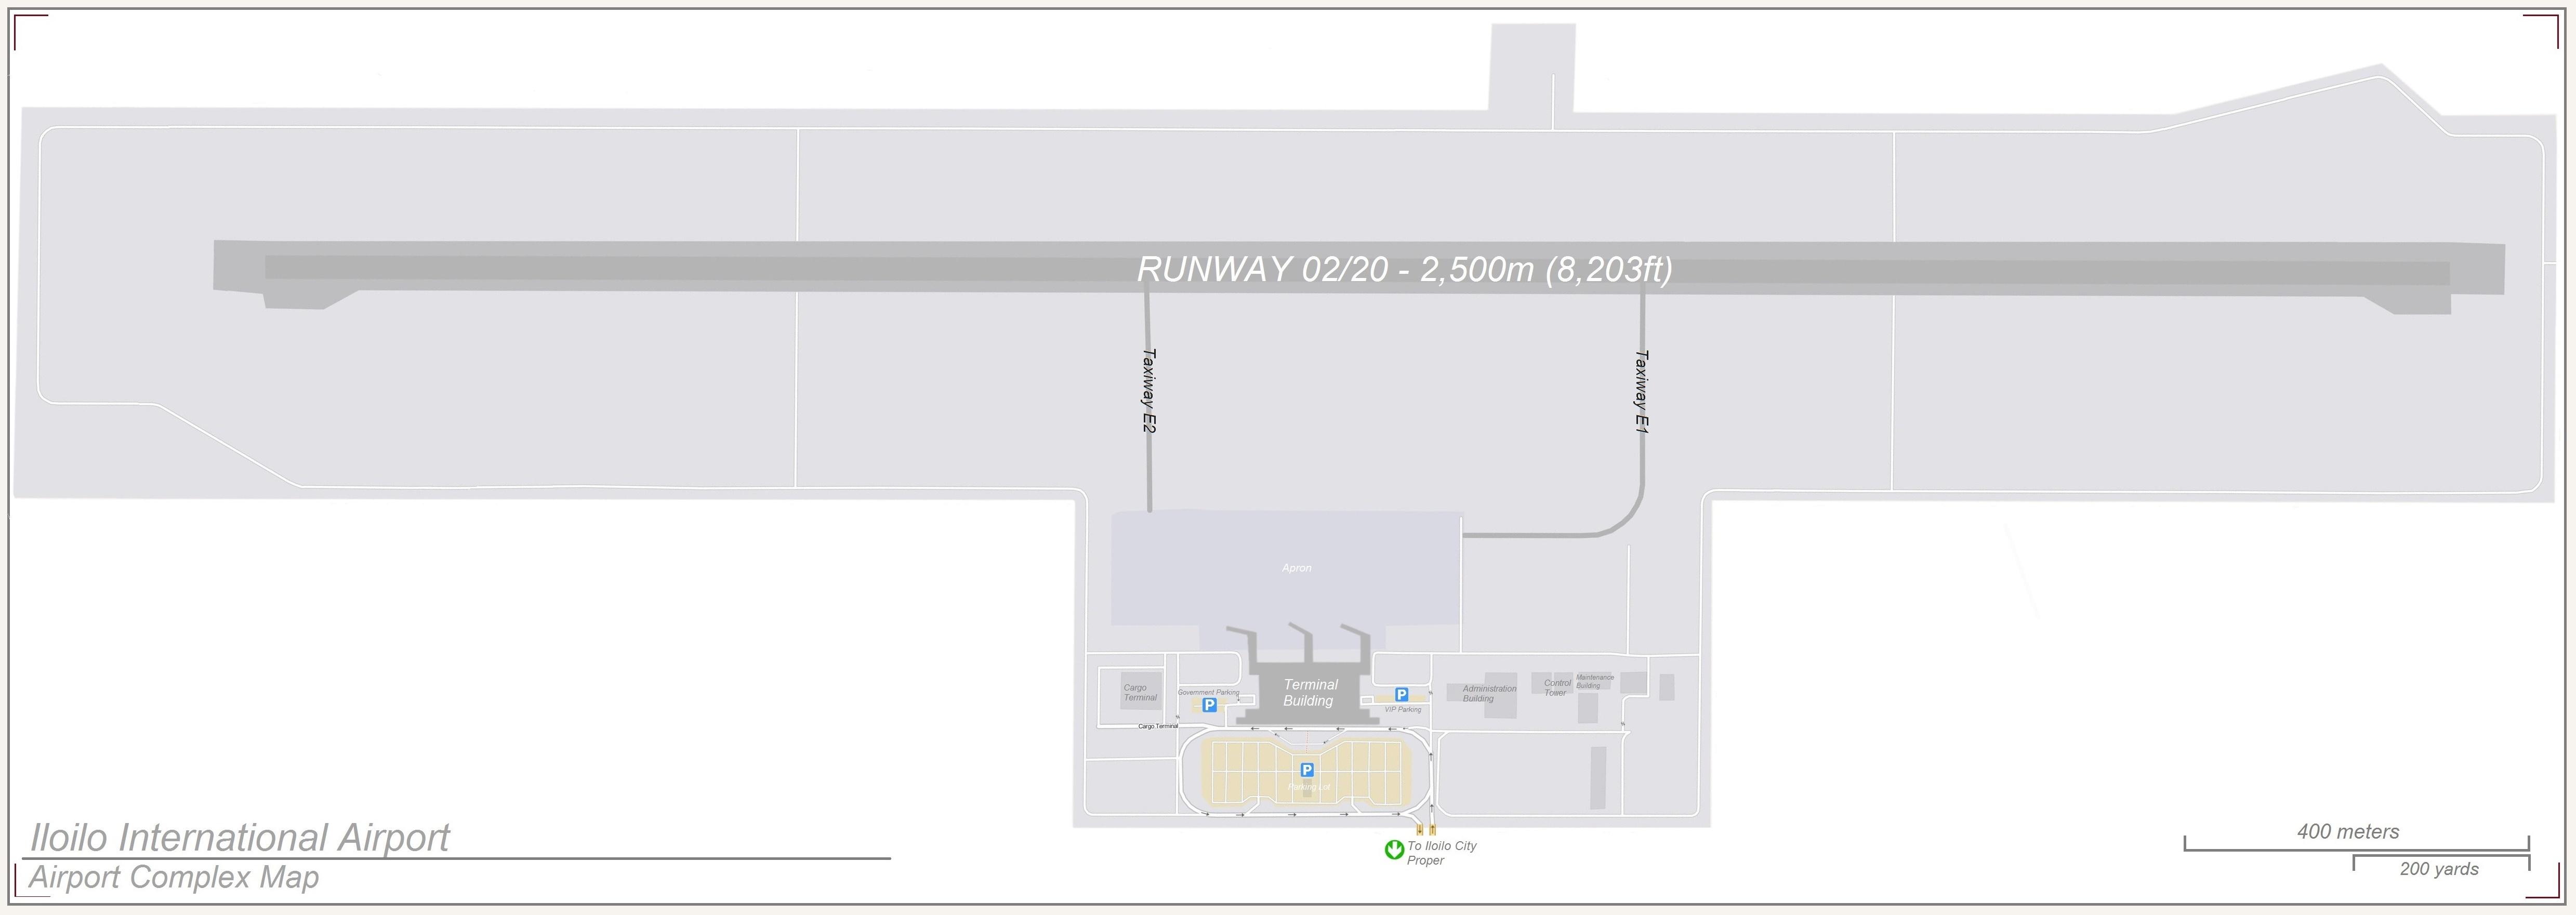 Iloilo International Airport Map File:Iloilo International Airport Complex Map.   Wikimedia Commons